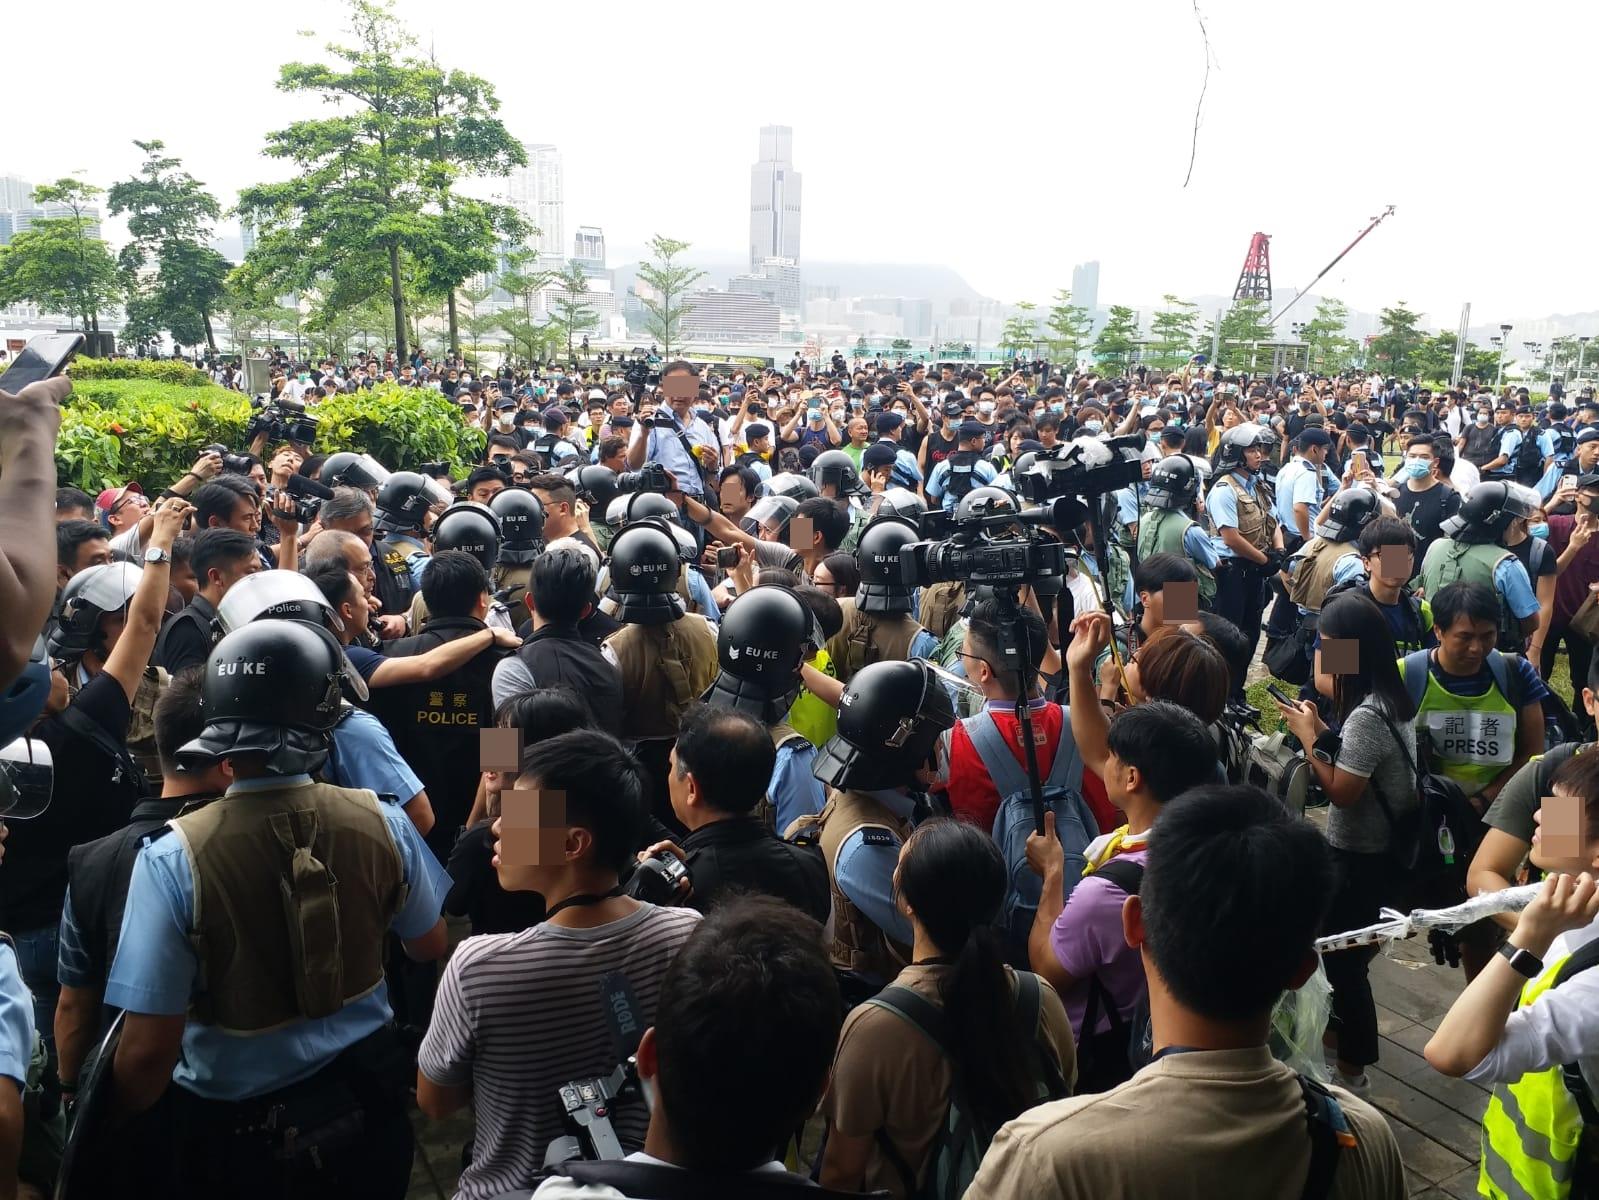 添馬公園有警察要求向一名男士搜身,隨即被在場人士圍繞。